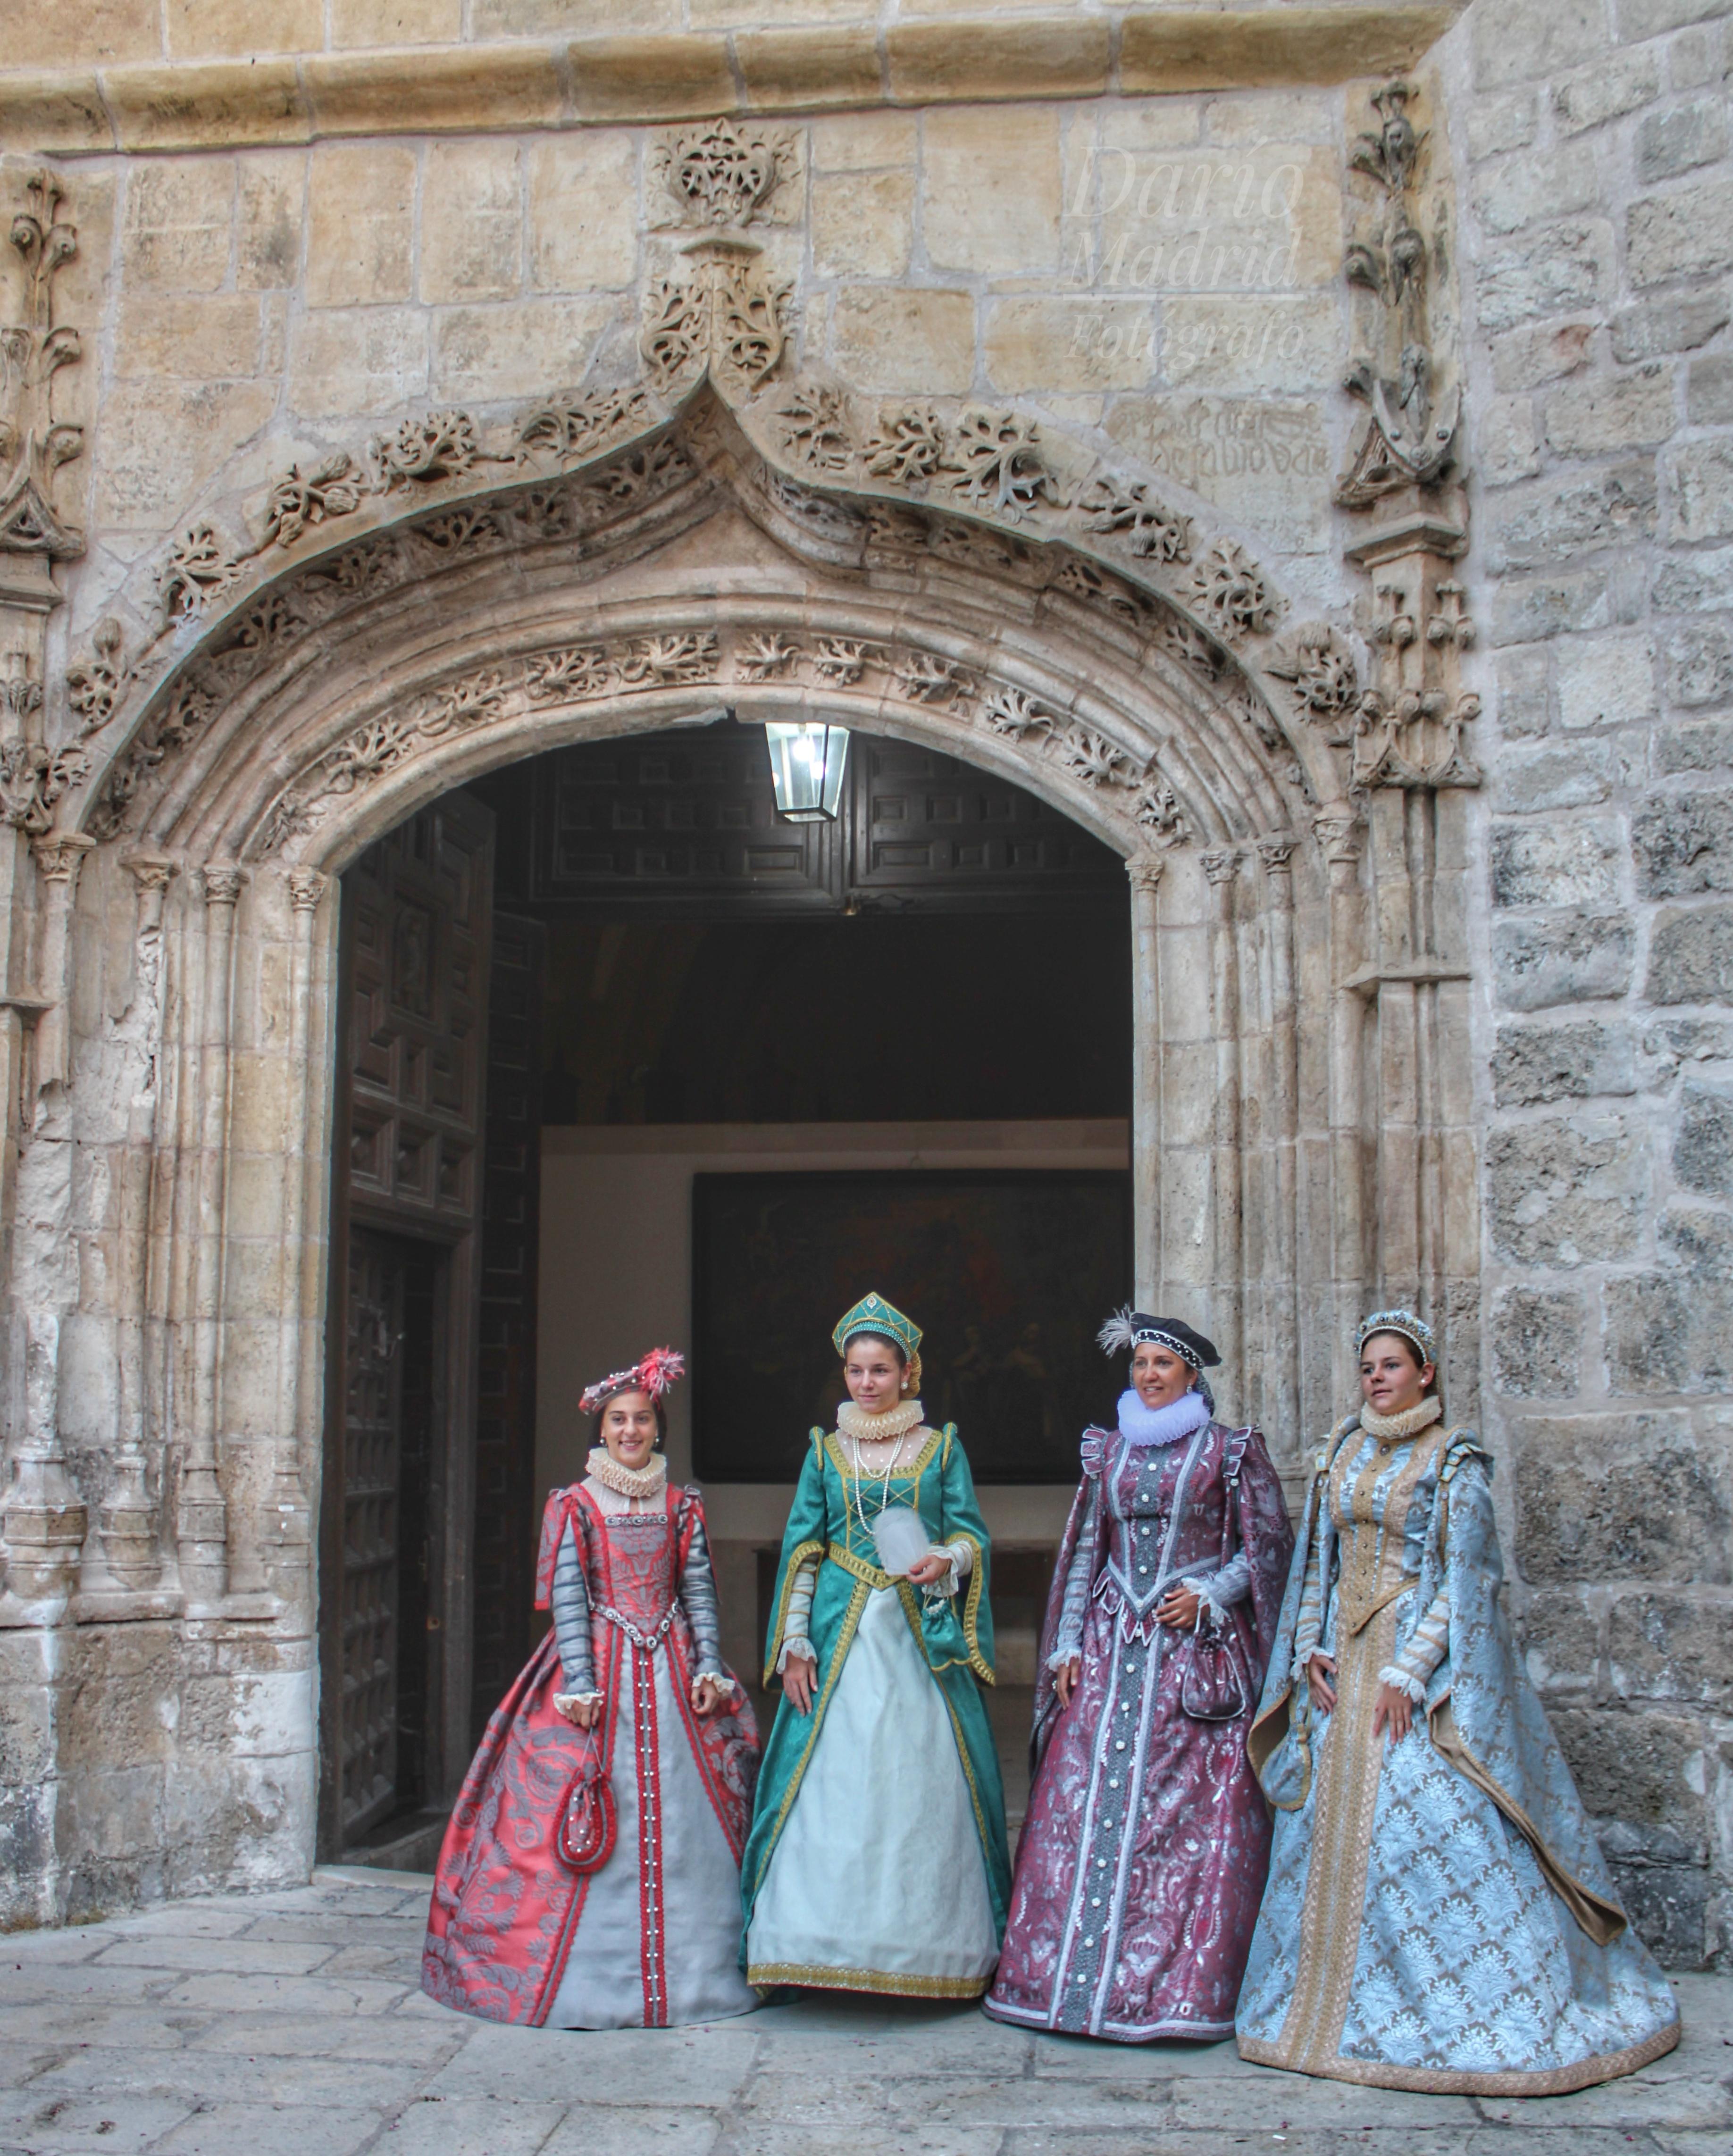 Trajes de Época en Pastrana con ocasión del Festival Ducal